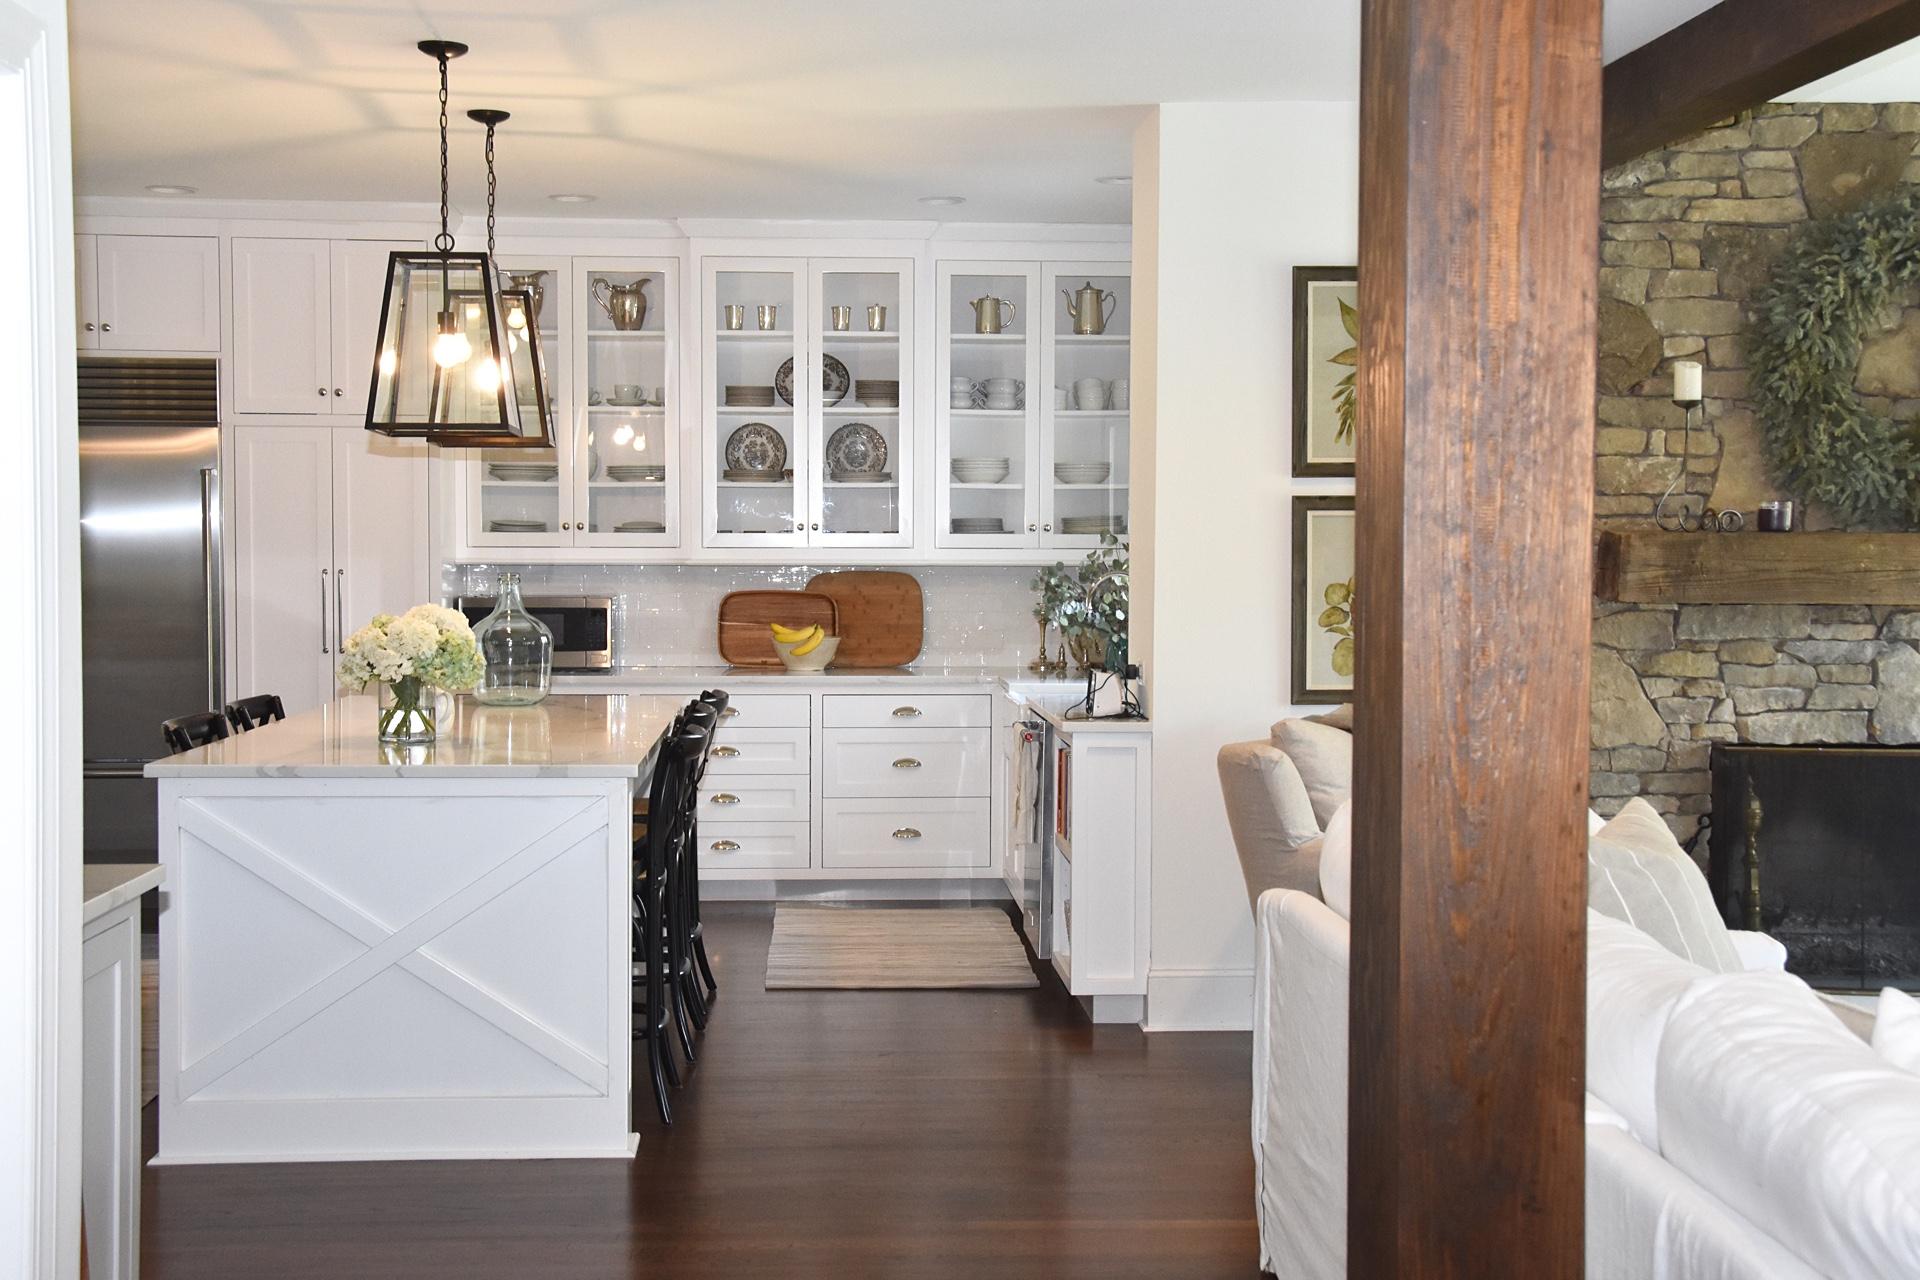 гостиная кухня белые стены деревянный пол кухонный остров белые фасады балки